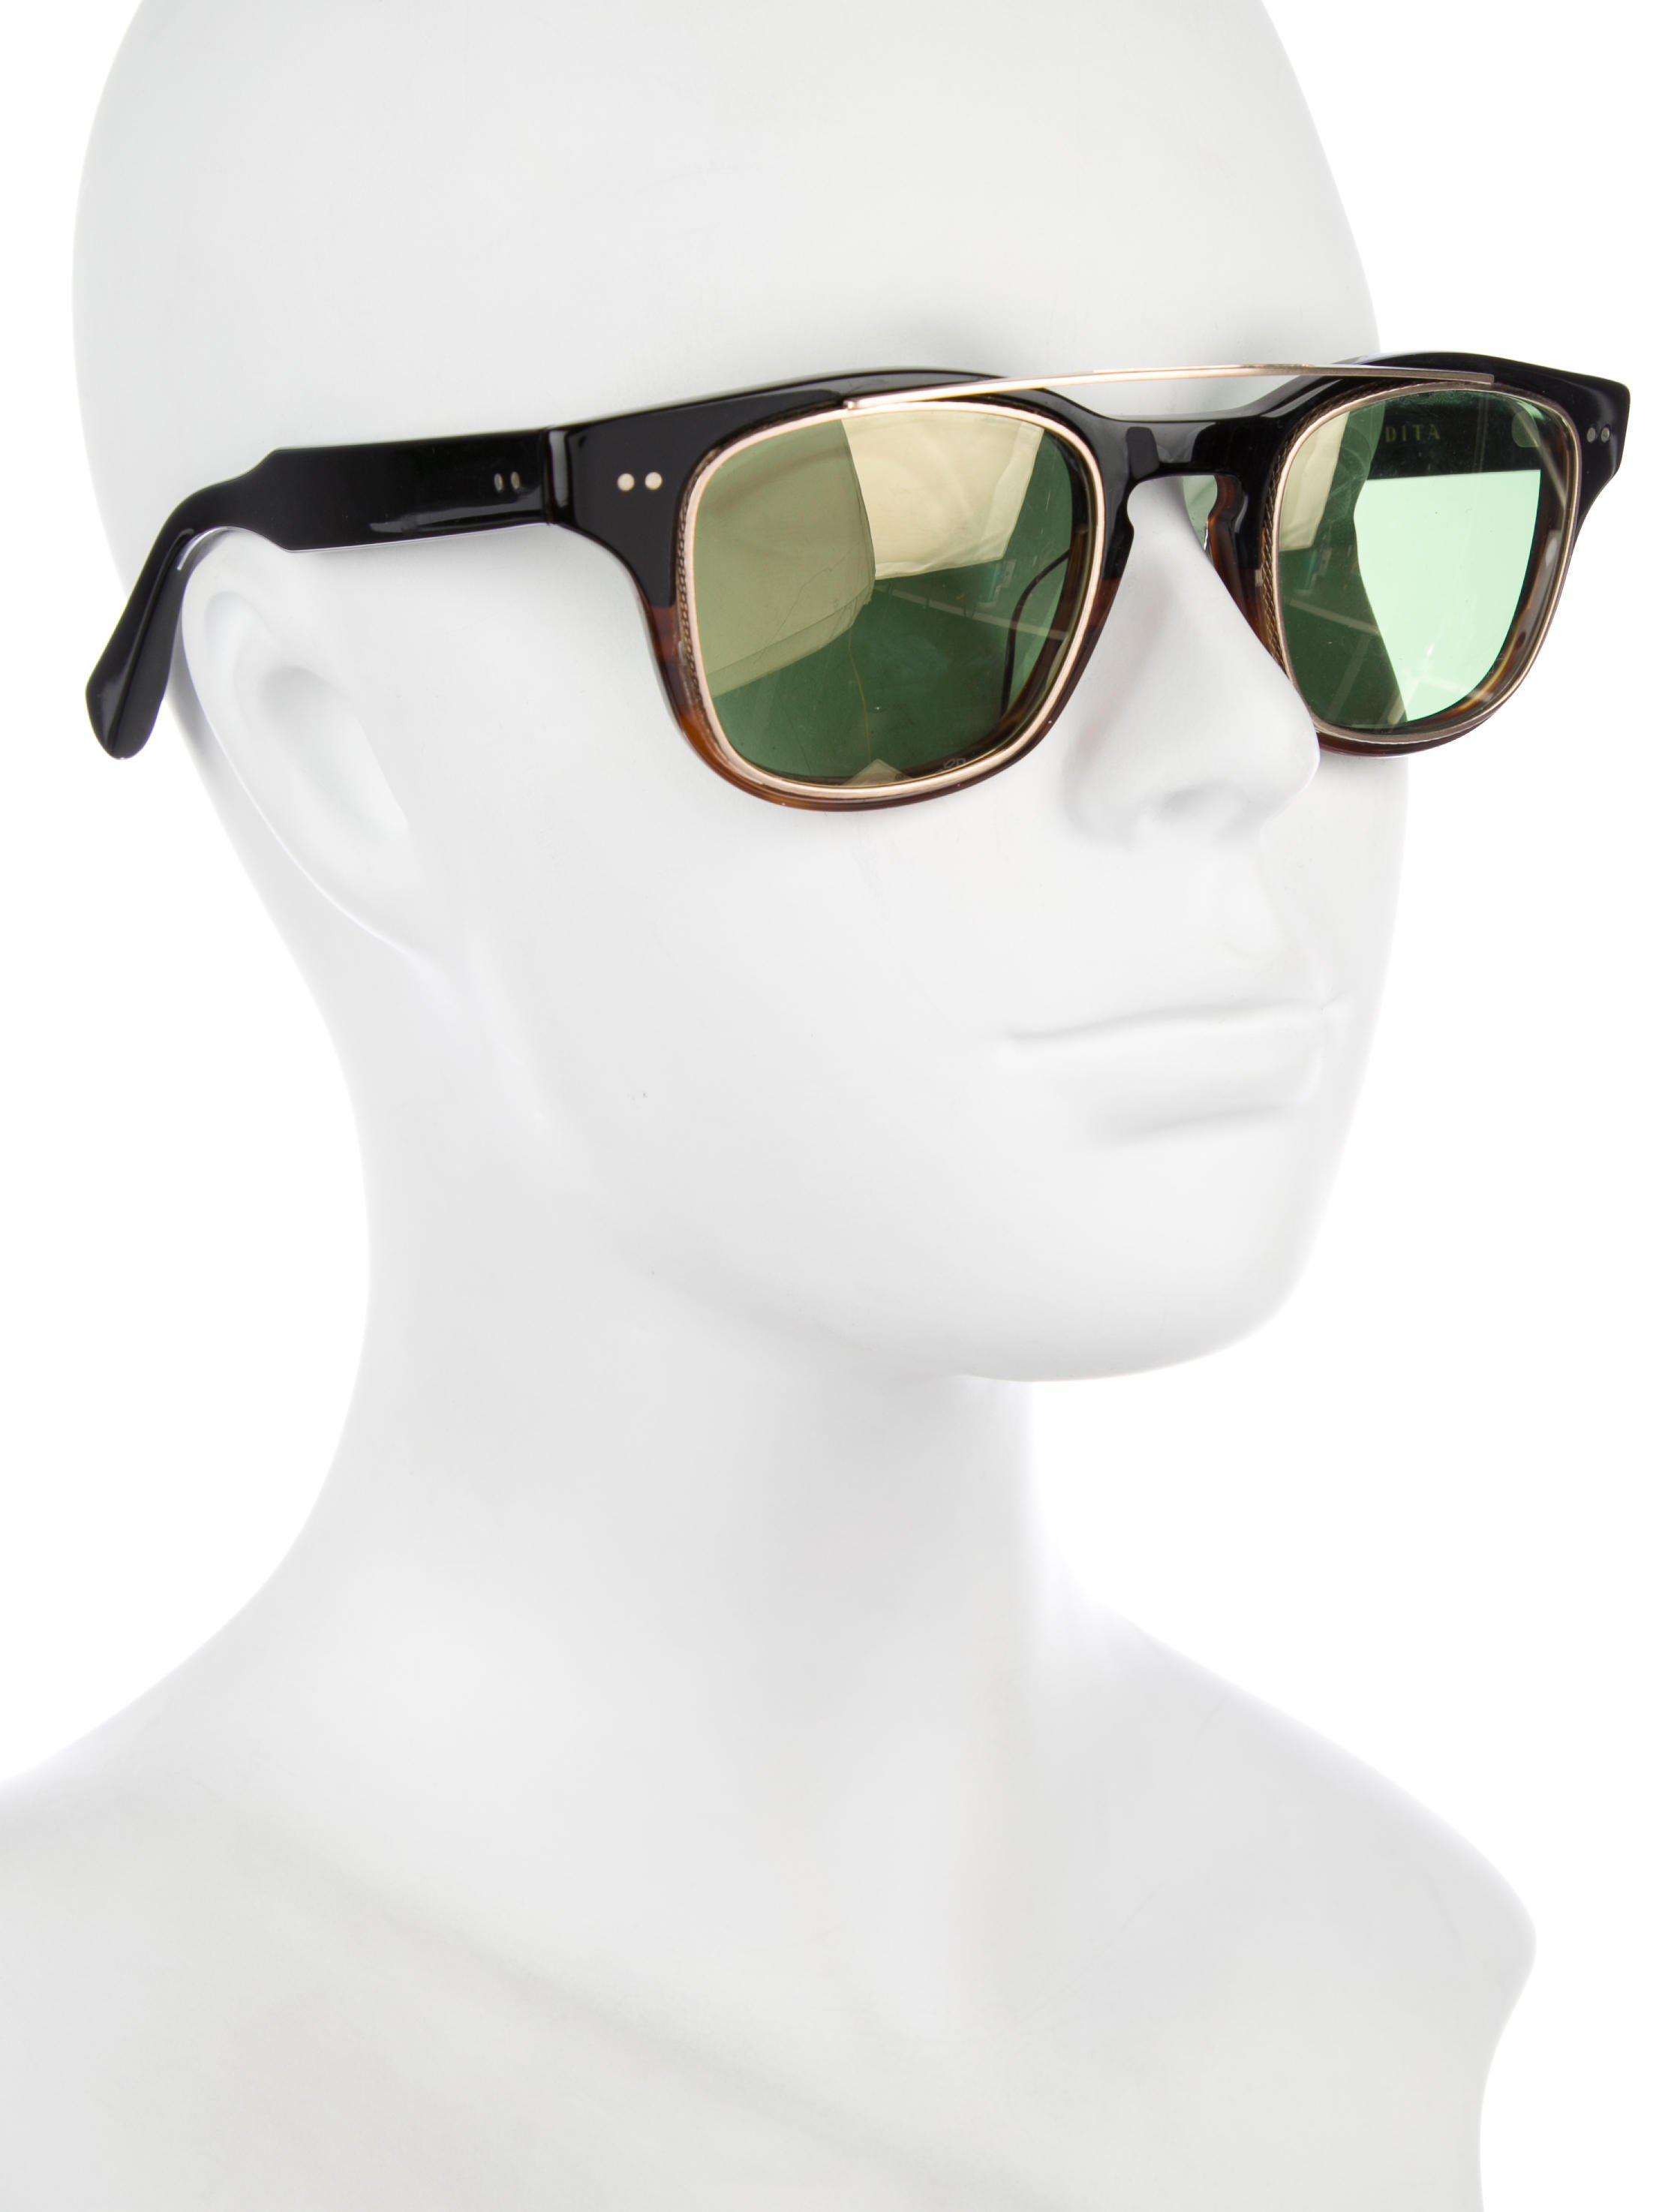 d506340ecaf Lyst - Dita Kasbah Tinted Sunglasses Black in Metallic